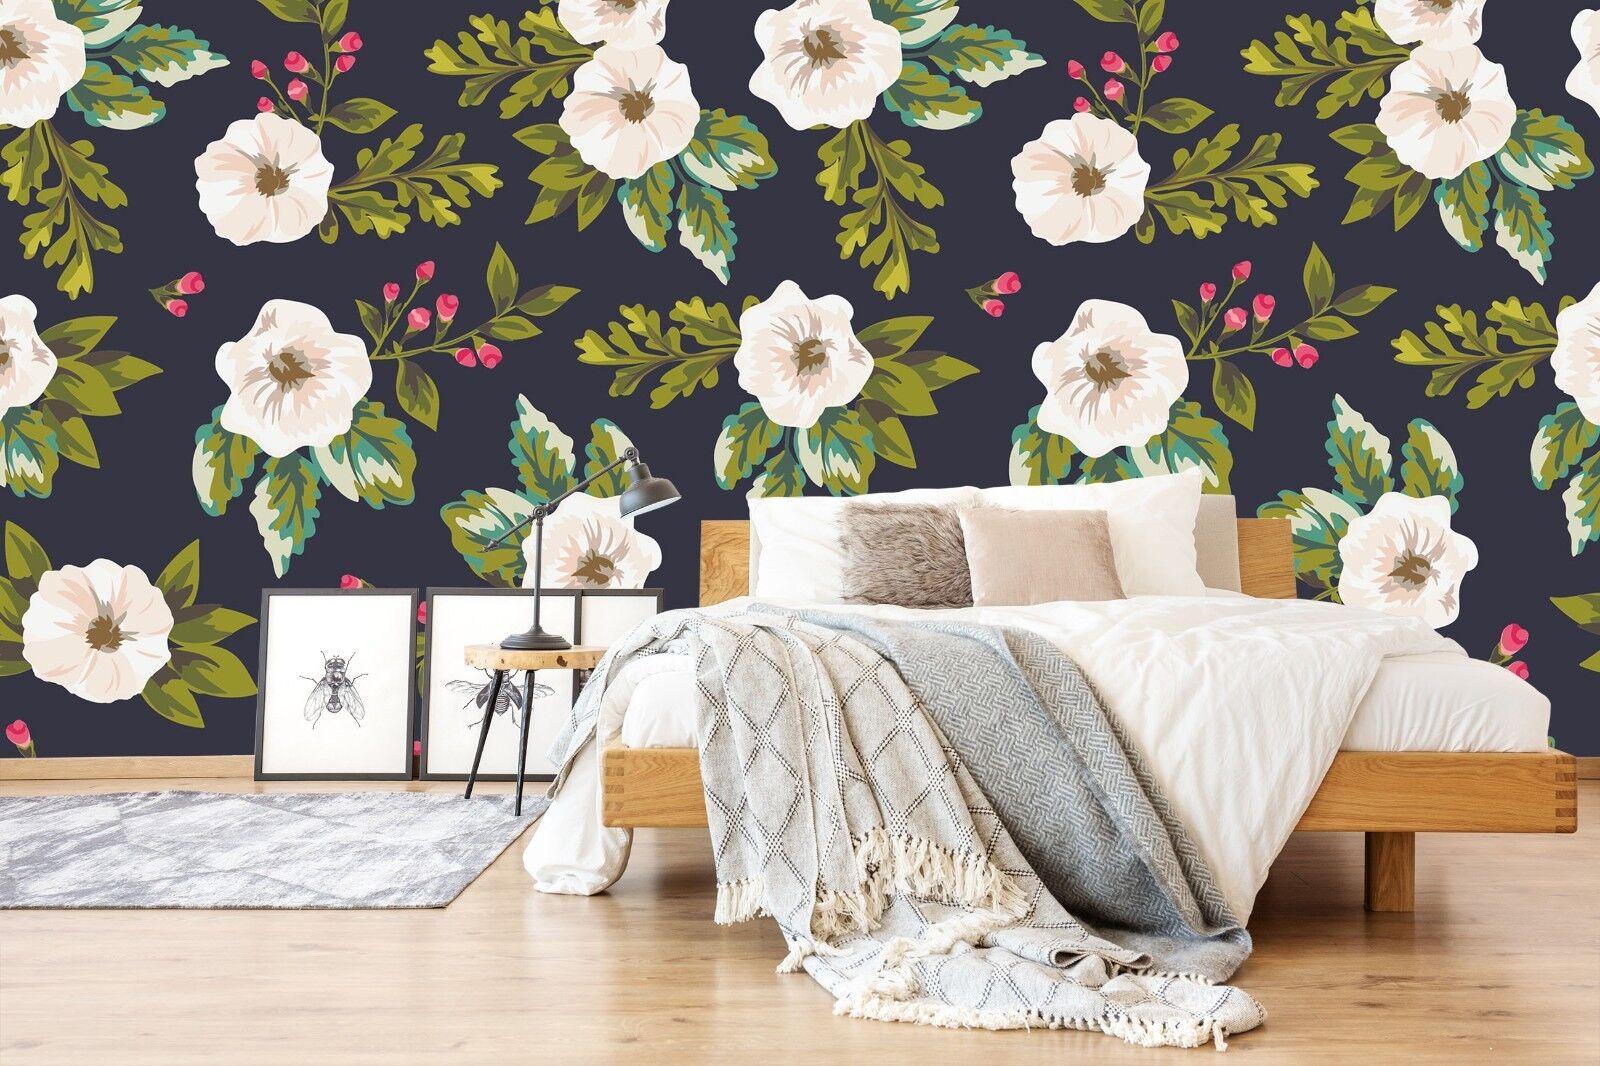 3D Flower Art 7003 Wall Paper Print Wall Decal Deco Indoor Wall Murals US Summer